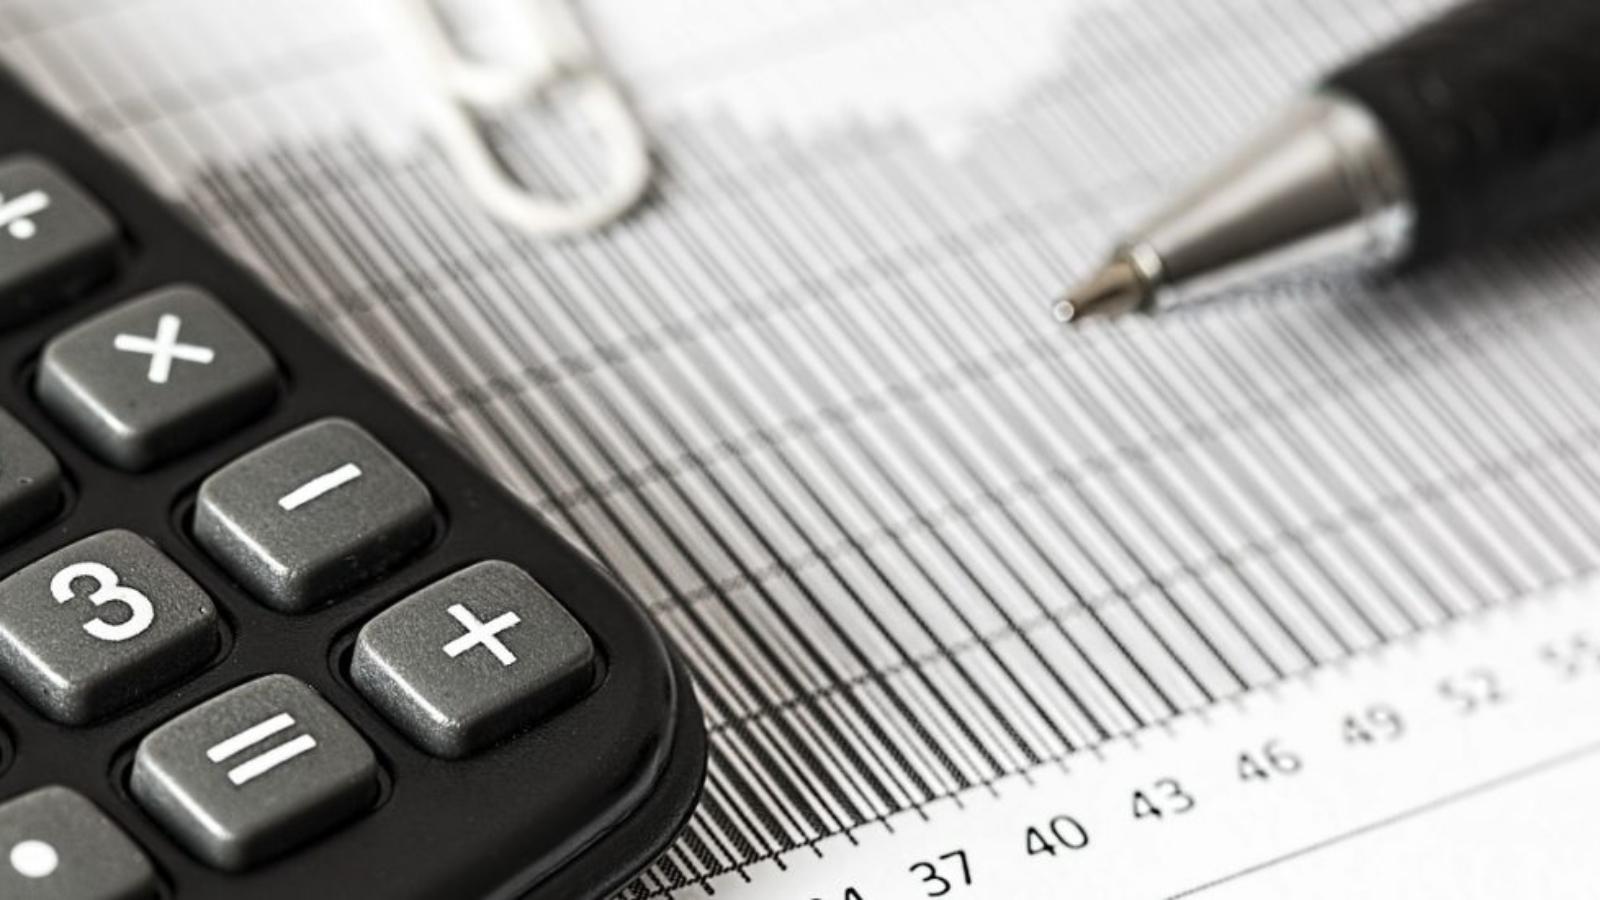 Melns kalkulātors, papirs un pildspalva